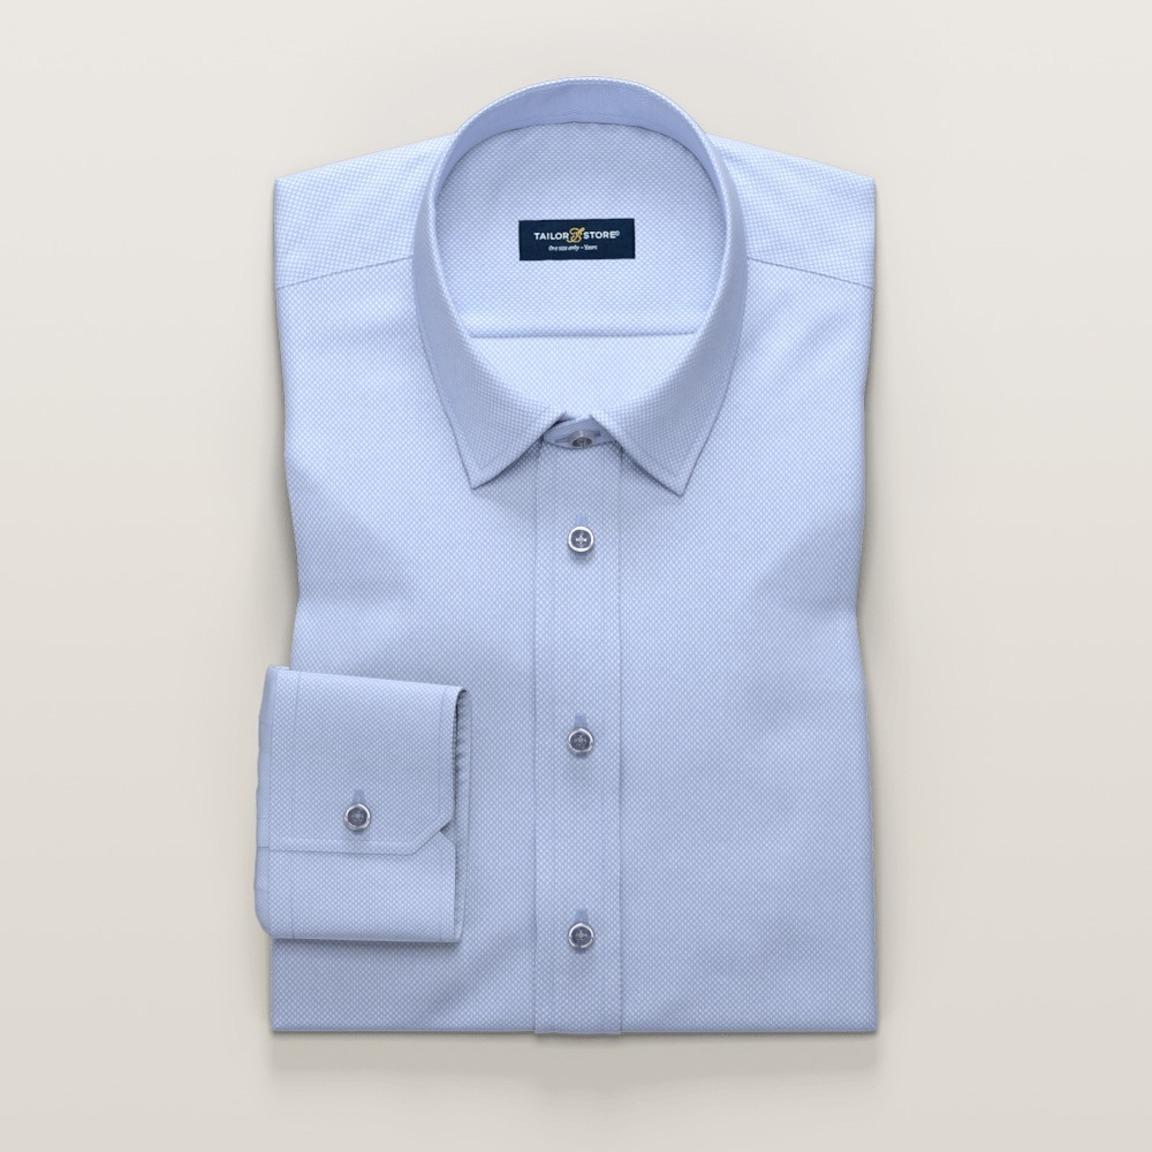 Business shirt in light blue dobby